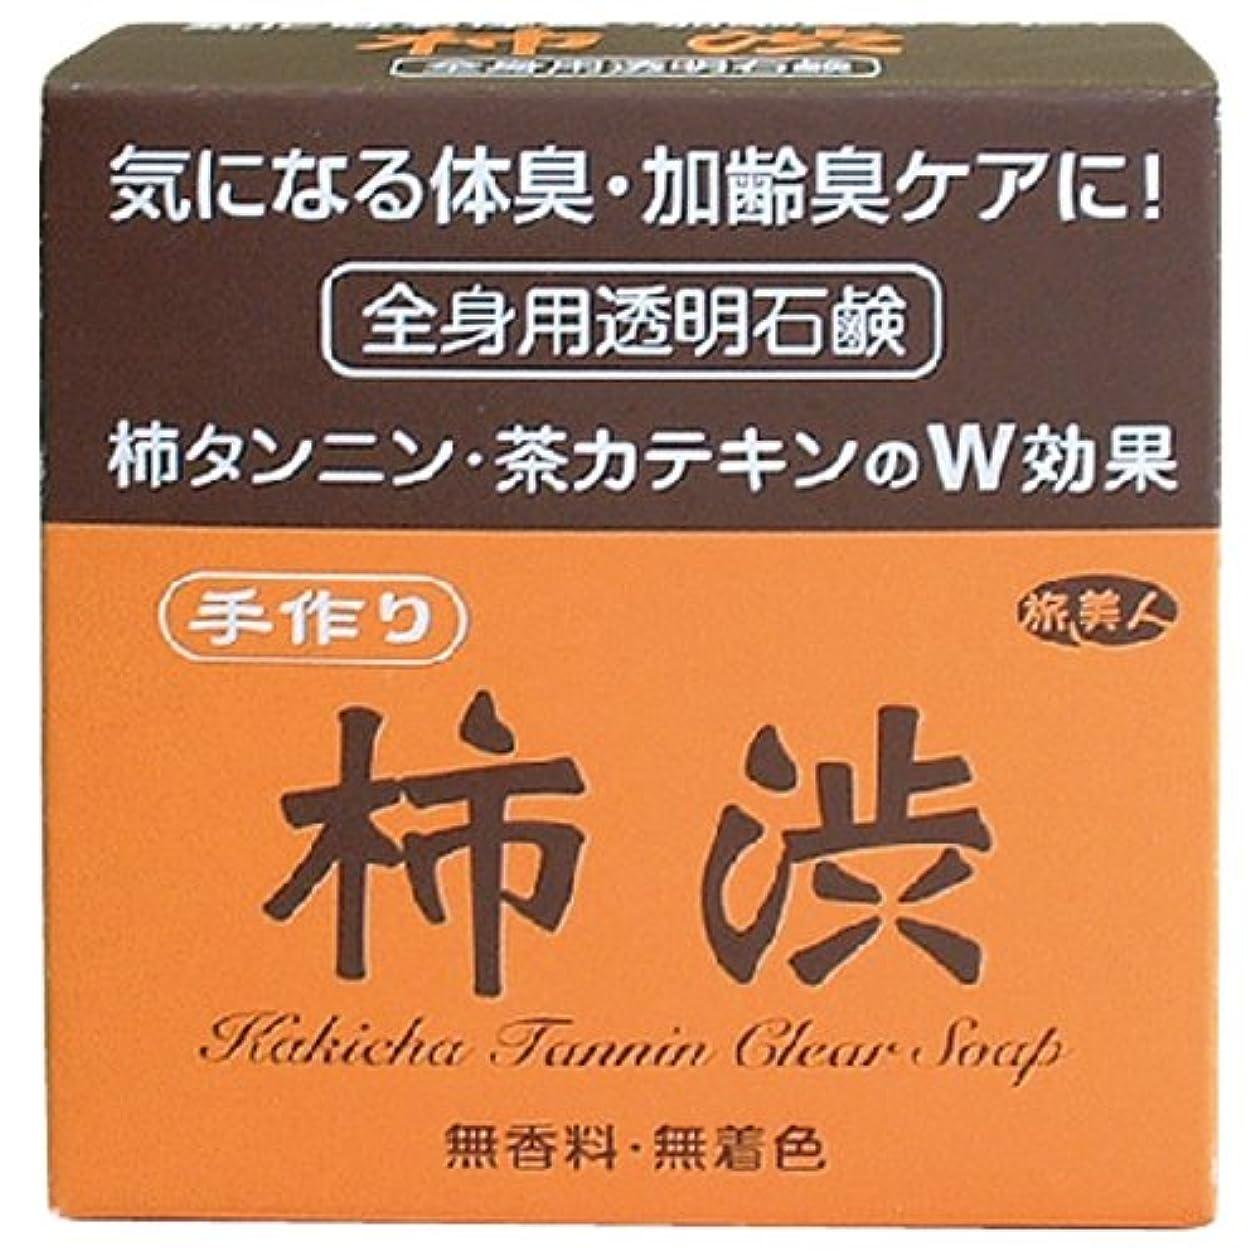 体操禁止する法的気になる体臭?加齢臭ケアに アズマ商事の手作り柿渋透明石鹸